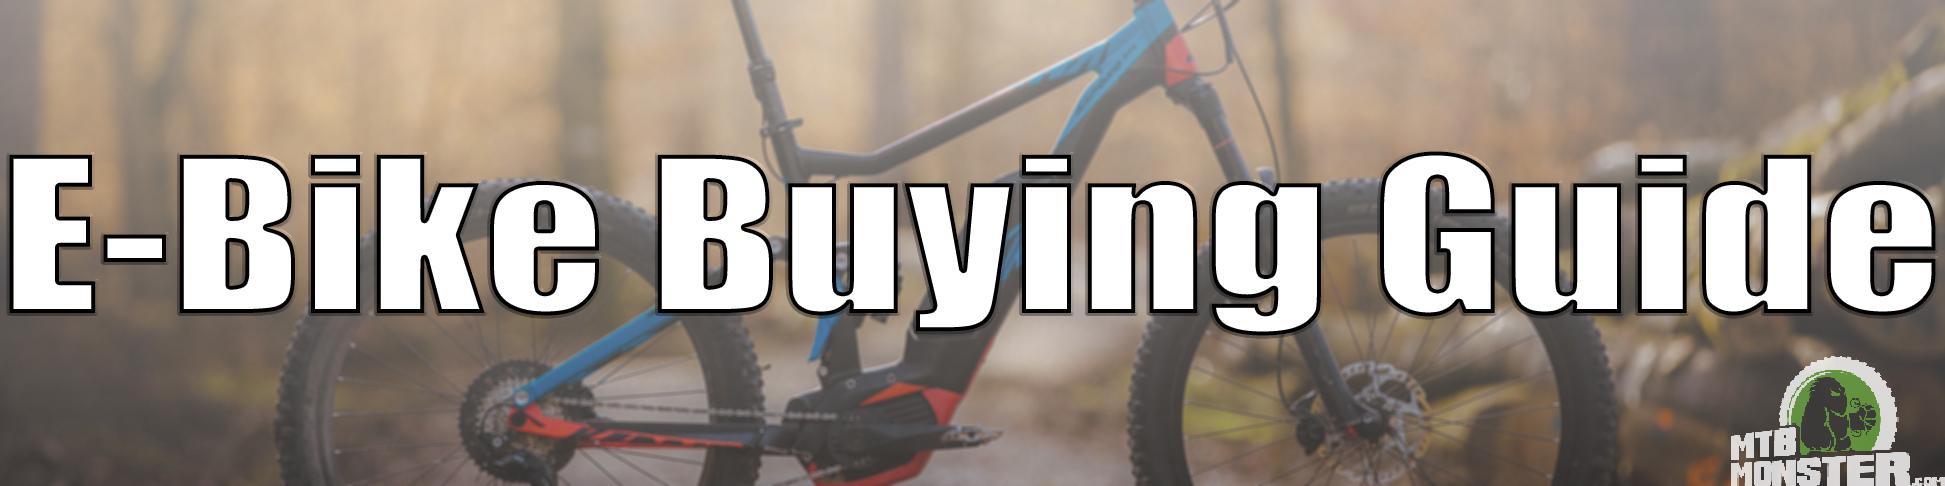 e-bike-buying-guide-from-mtb-monster-the-uk-leading-cube-lapierre-ktm-and-mondraker-e-mtb-dealer-2-.jpg